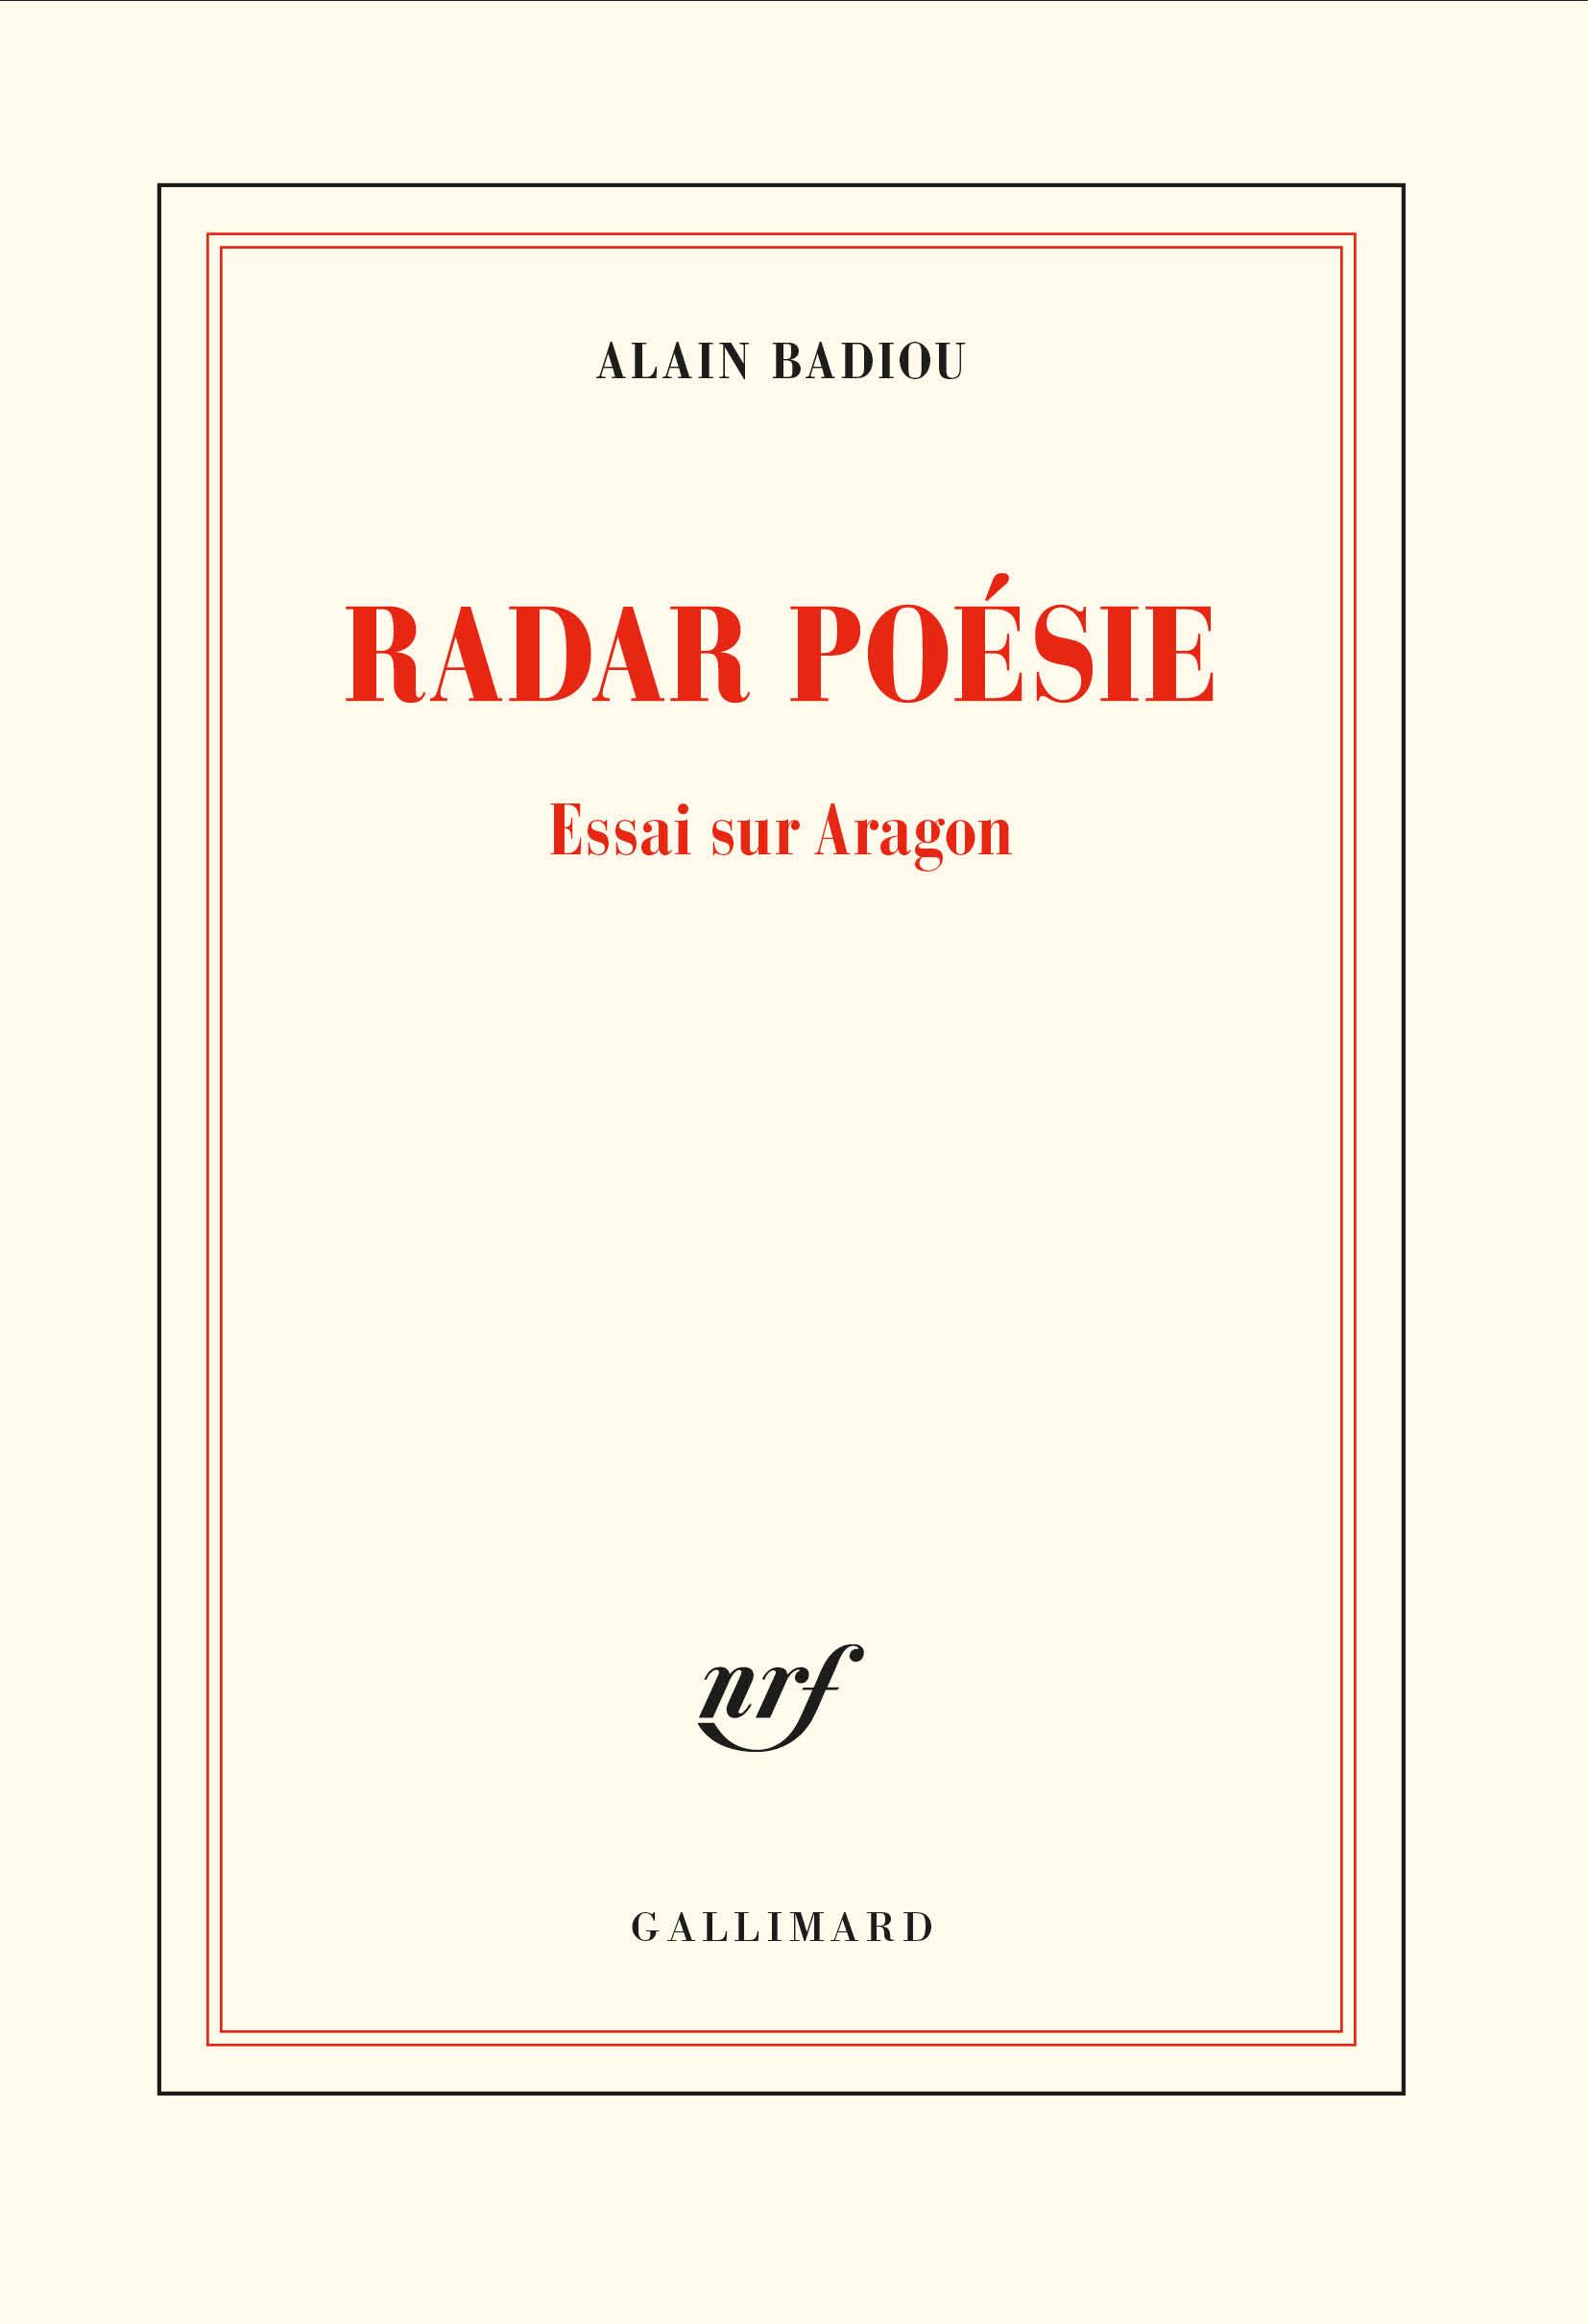 A. Badiou, Radar poésie. Essai sur Aragon